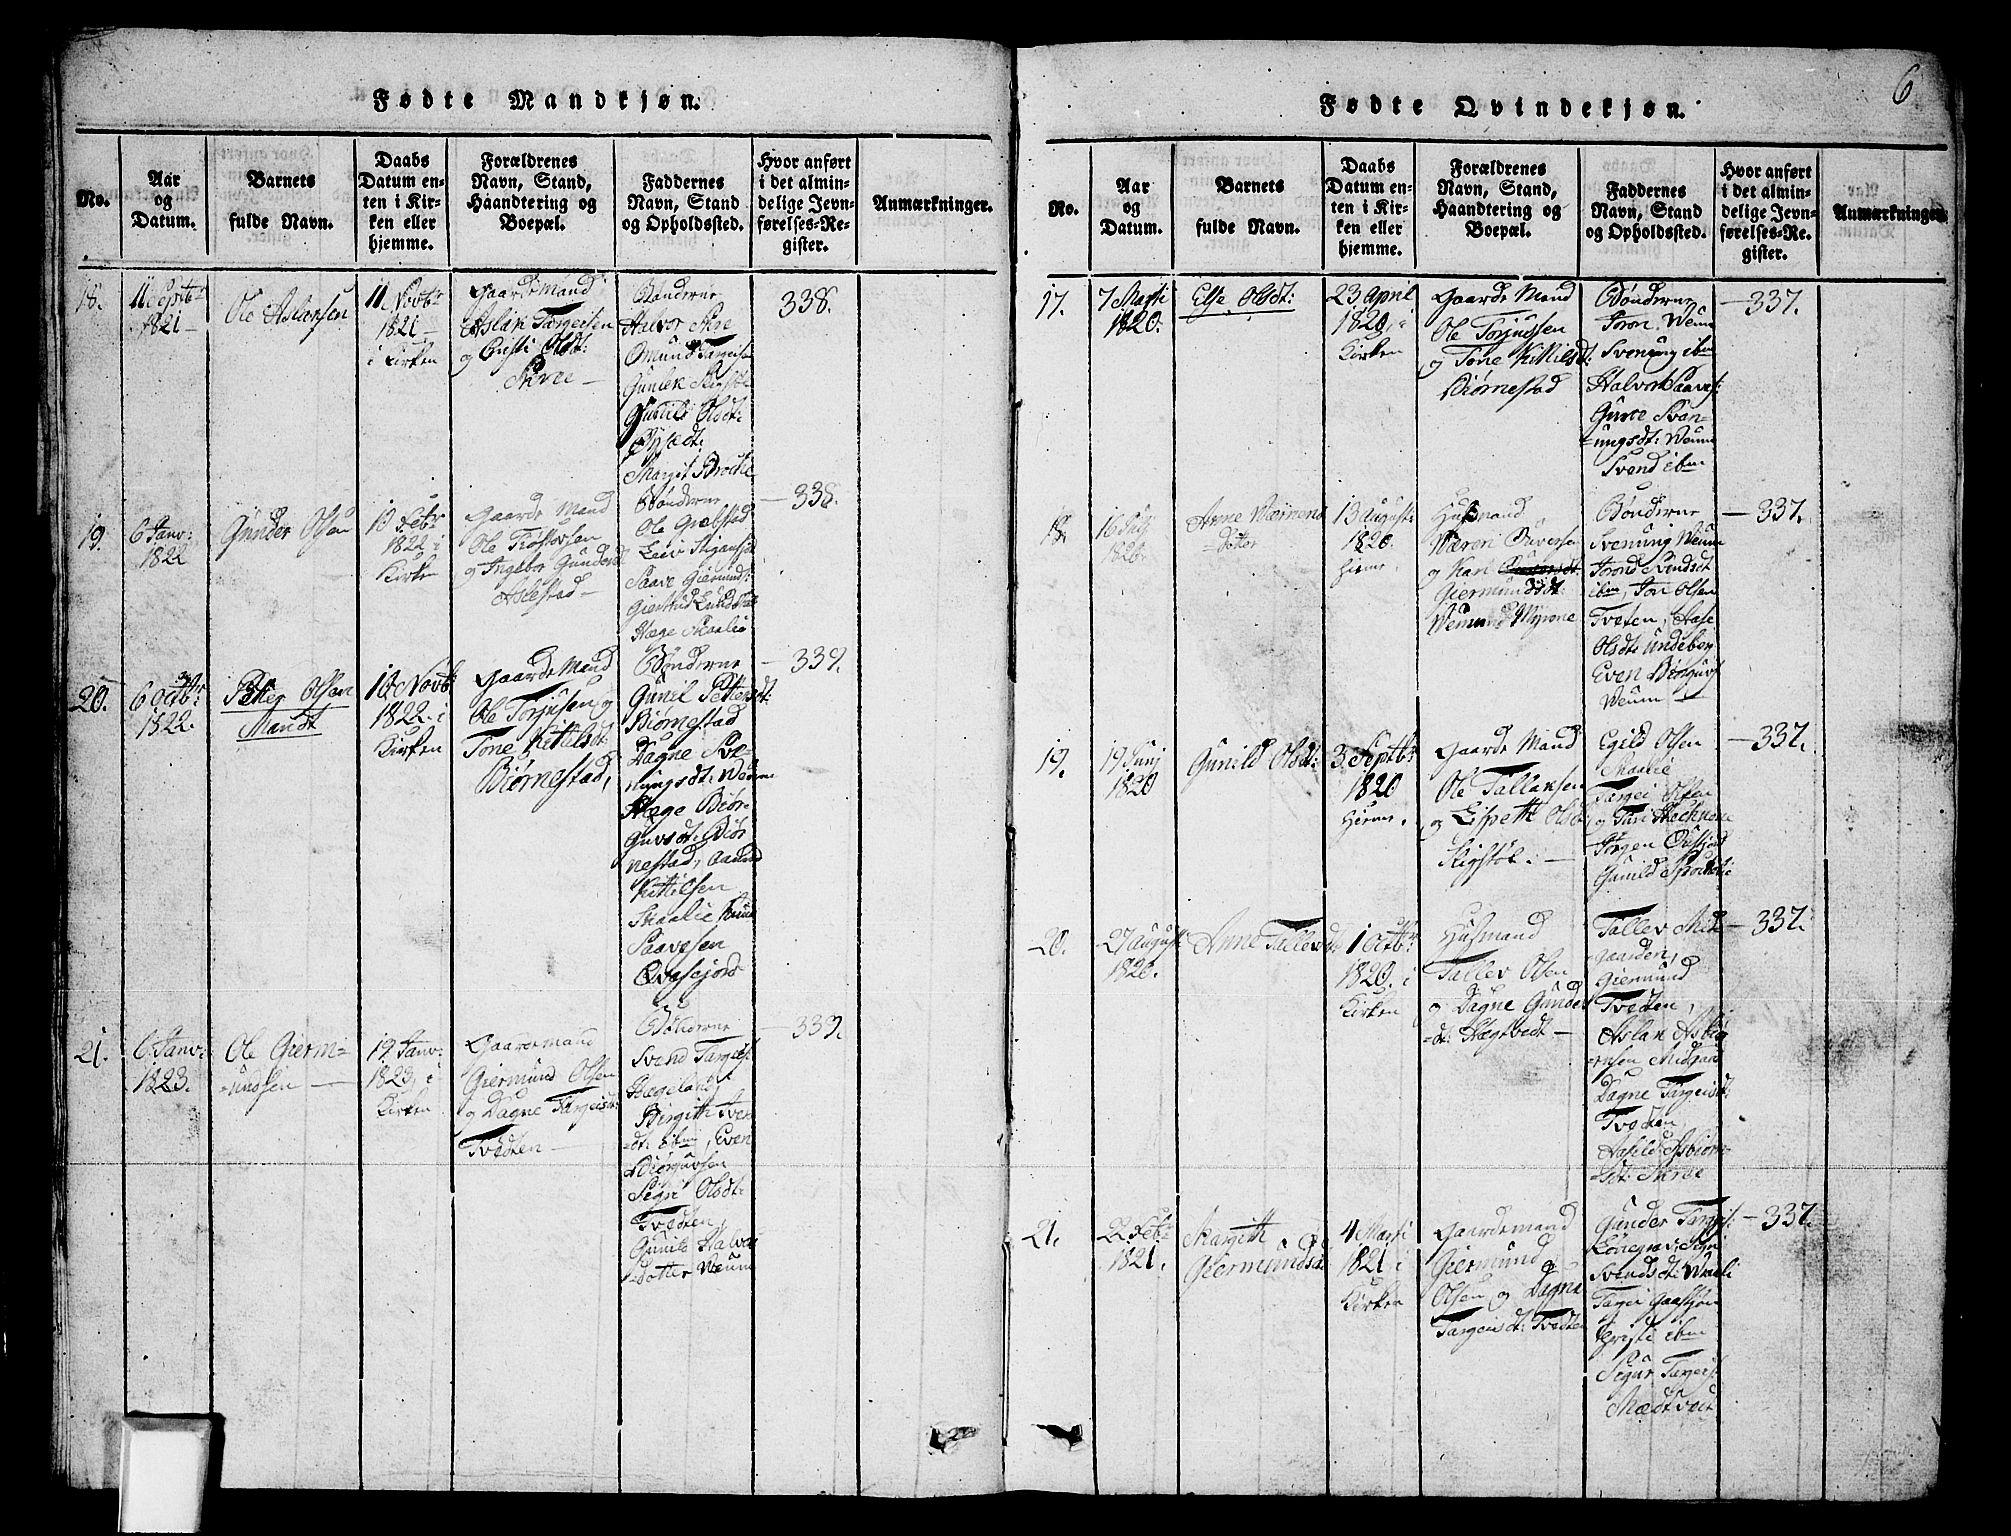 SAKO, Fyresdal kirkebøker, G/Ga/L0003: Klokkerbok nr. I 3, 1815-1863, s. 6